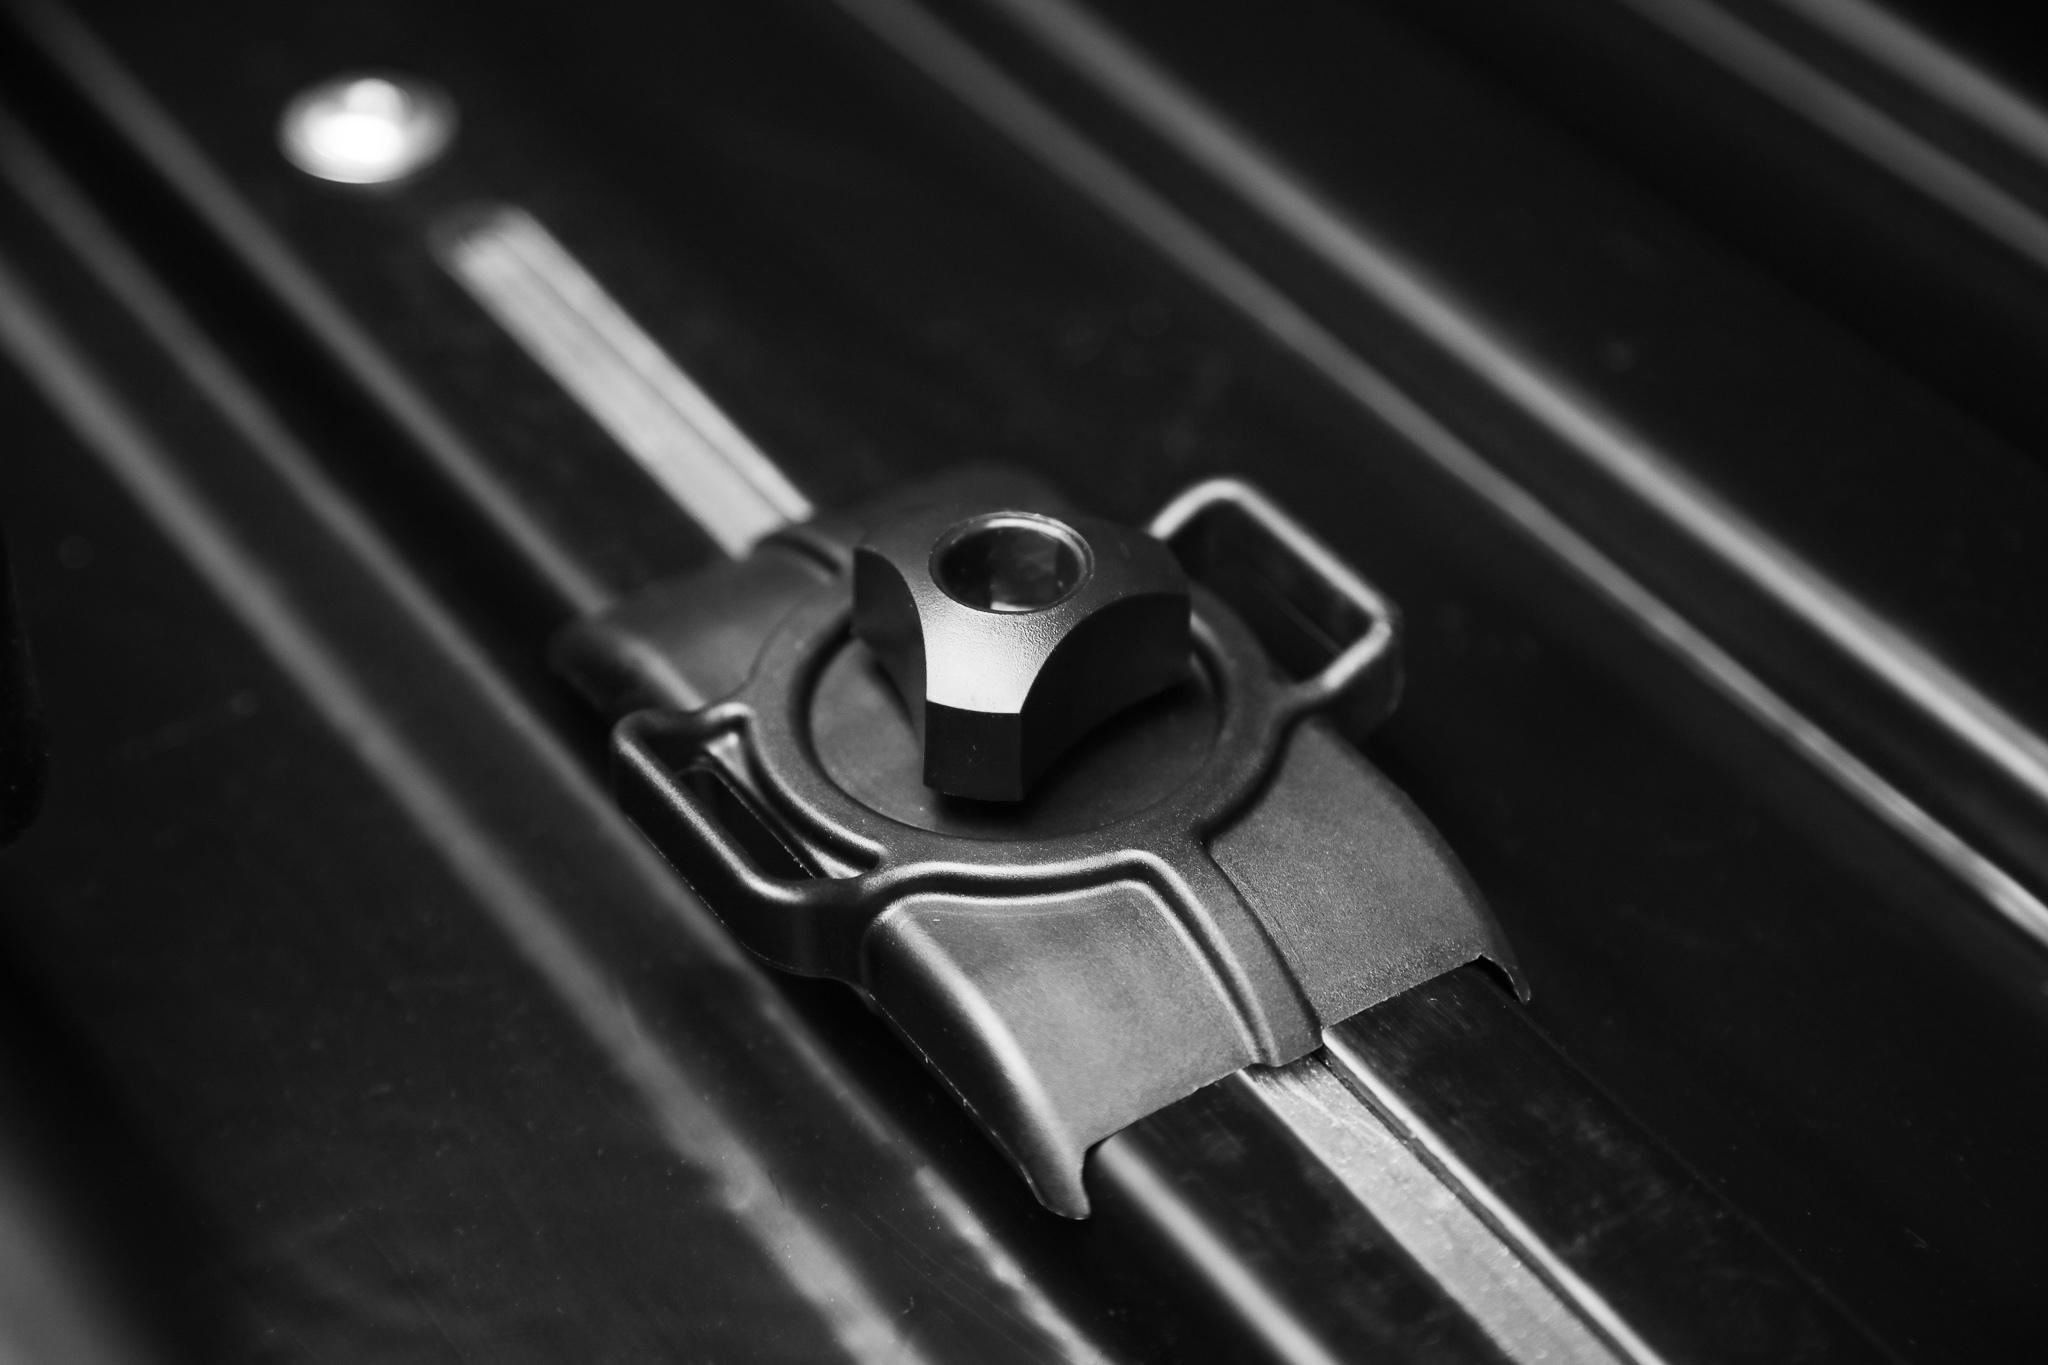 Болты крепления к дугам багажника в боксе LUX